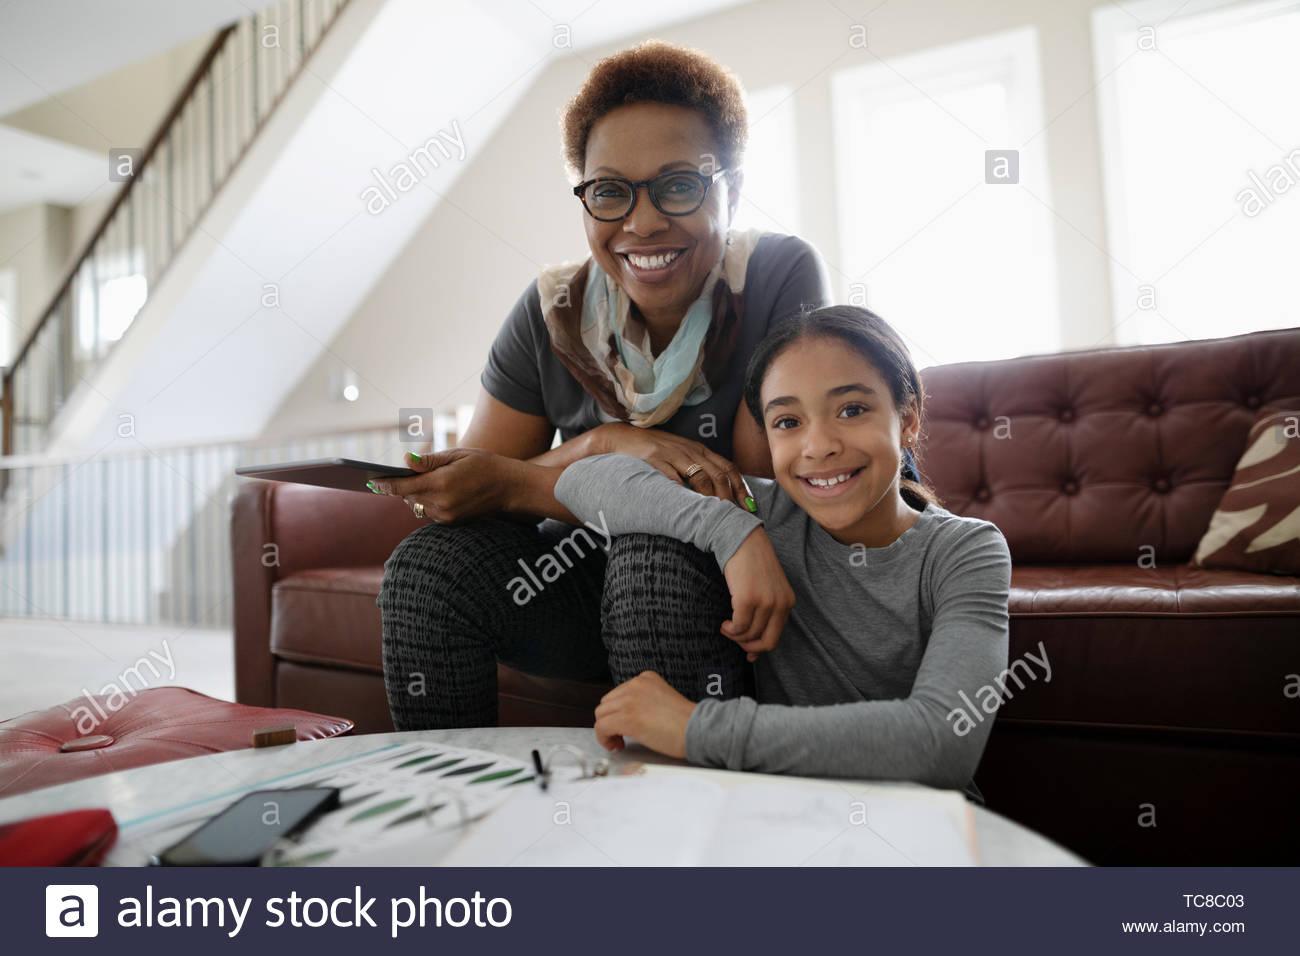 Ritratto felice la nonna e la nipote in salotto Immagini Stock